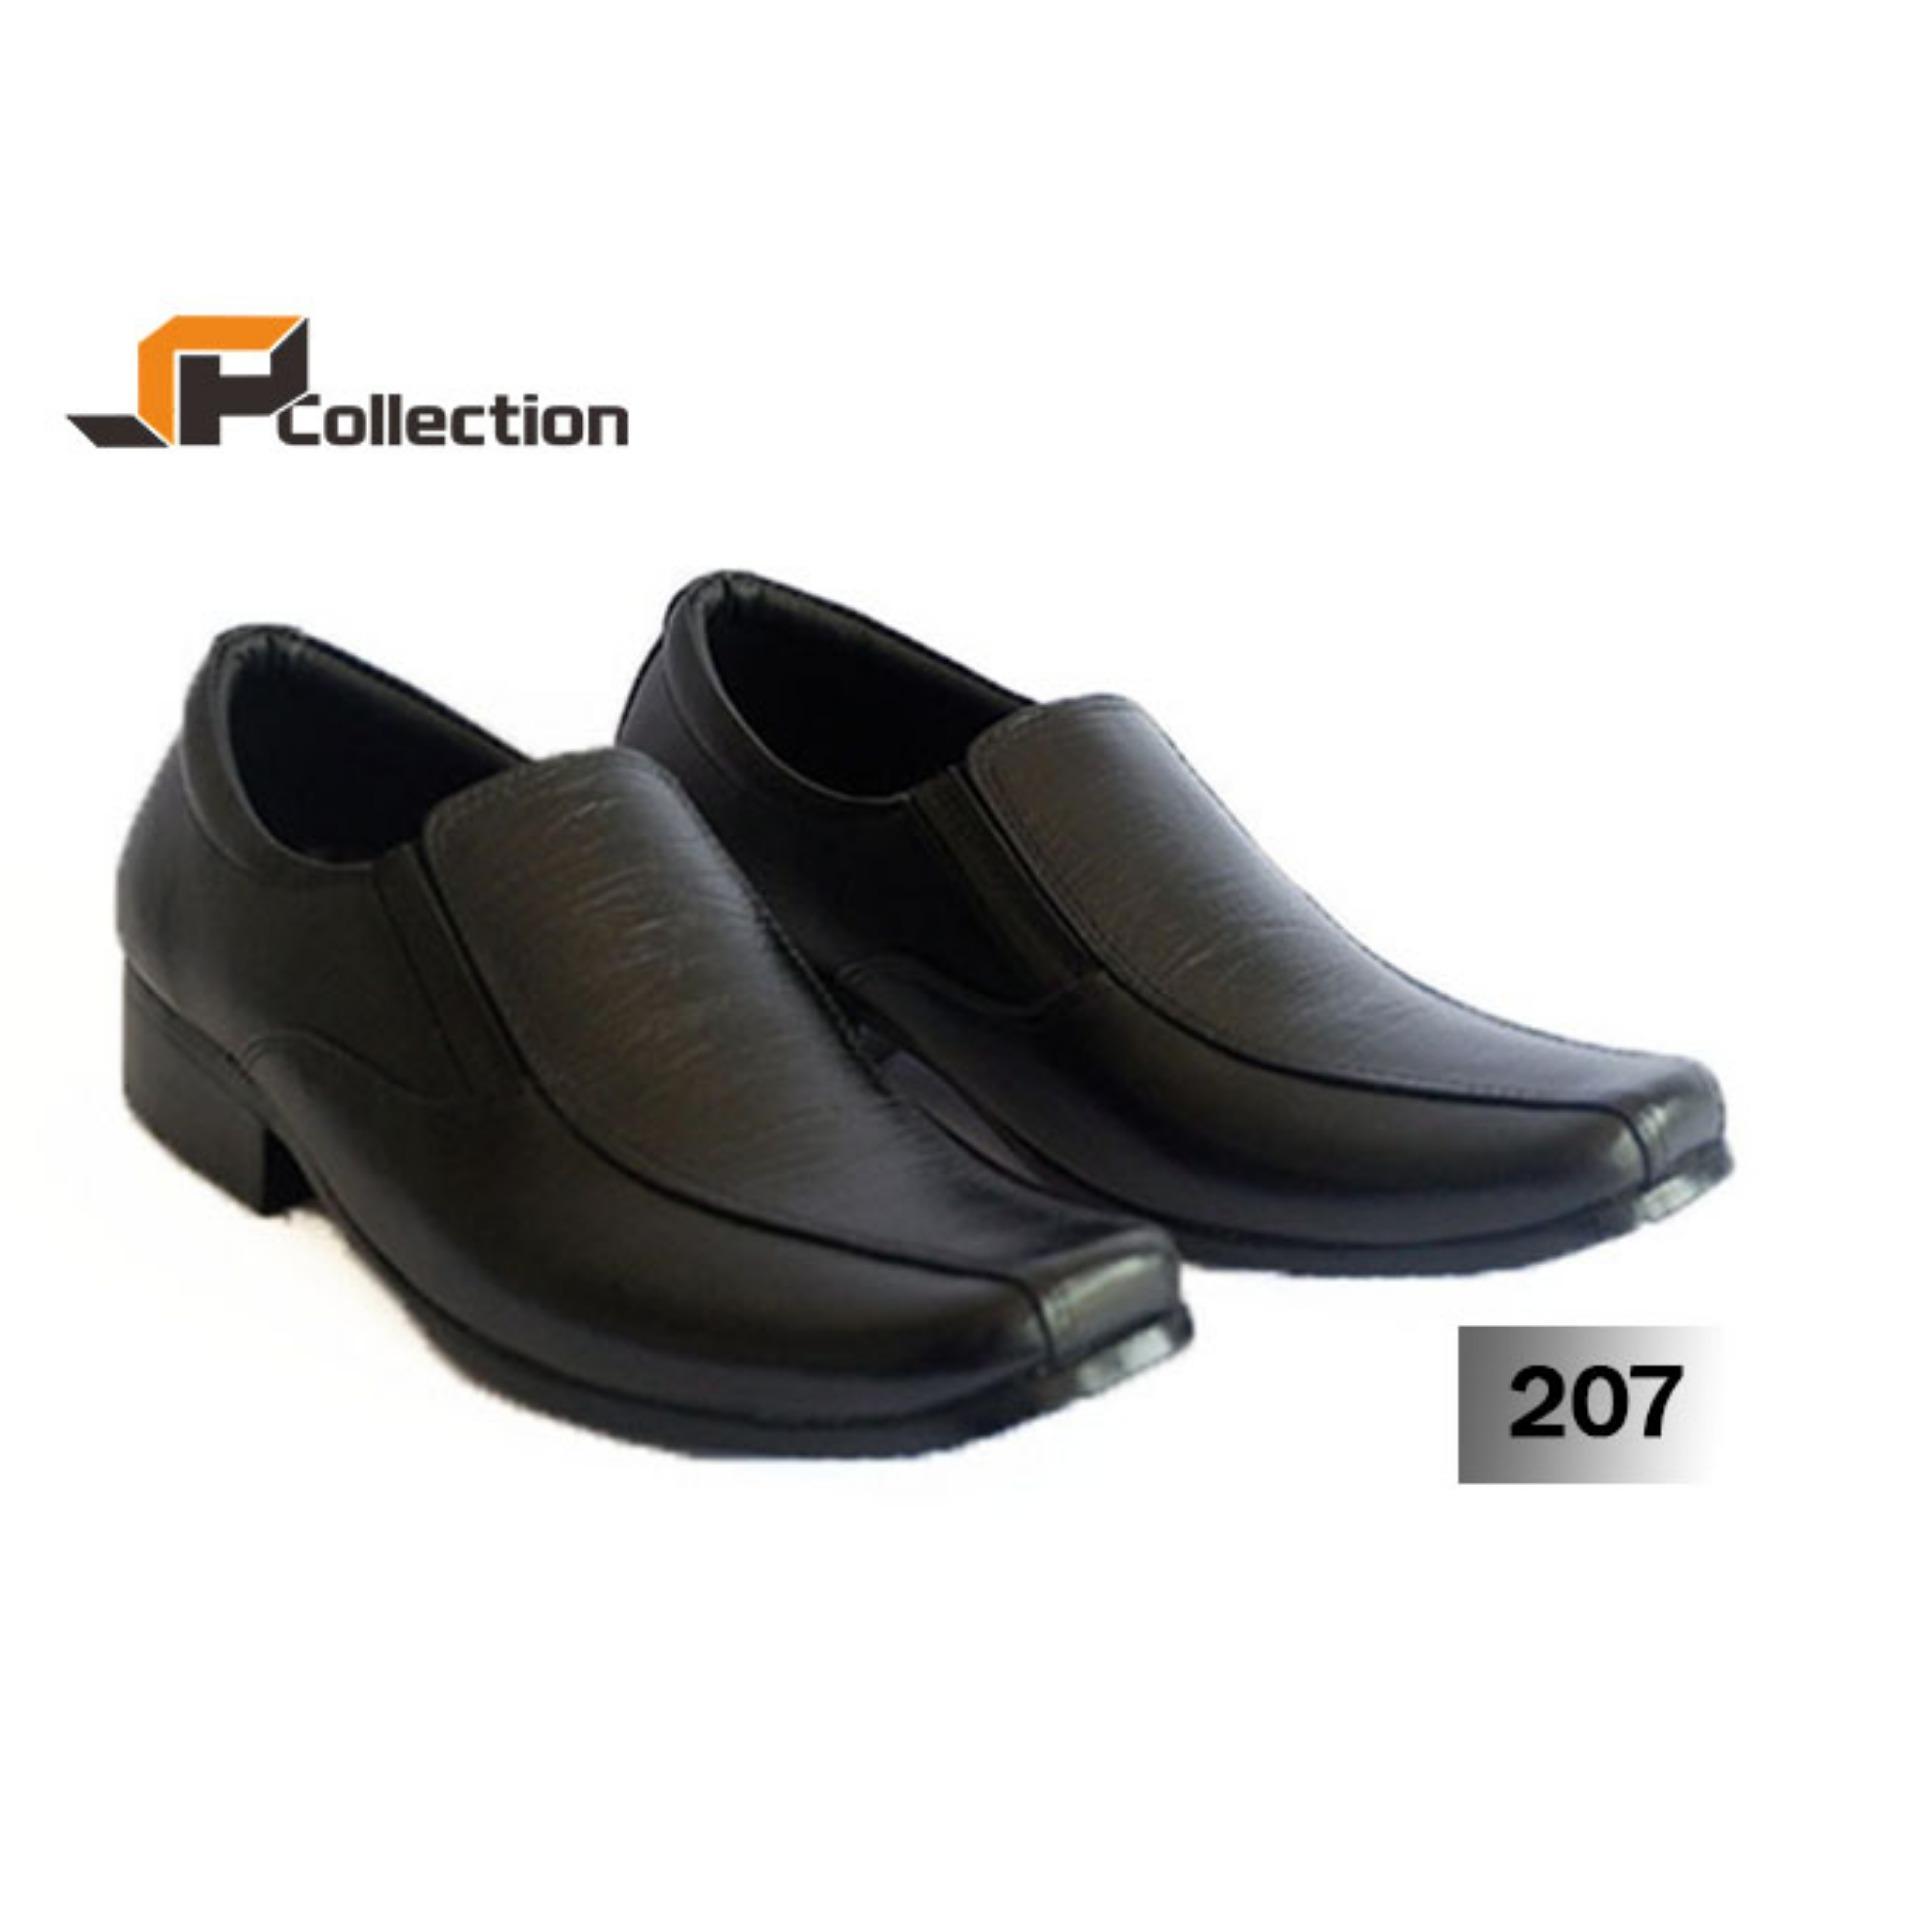 Review Terbaik Sepatu Pdh Sp 207 Uk 39 45 Bahan Kulit Sapi Asli Berkualitas